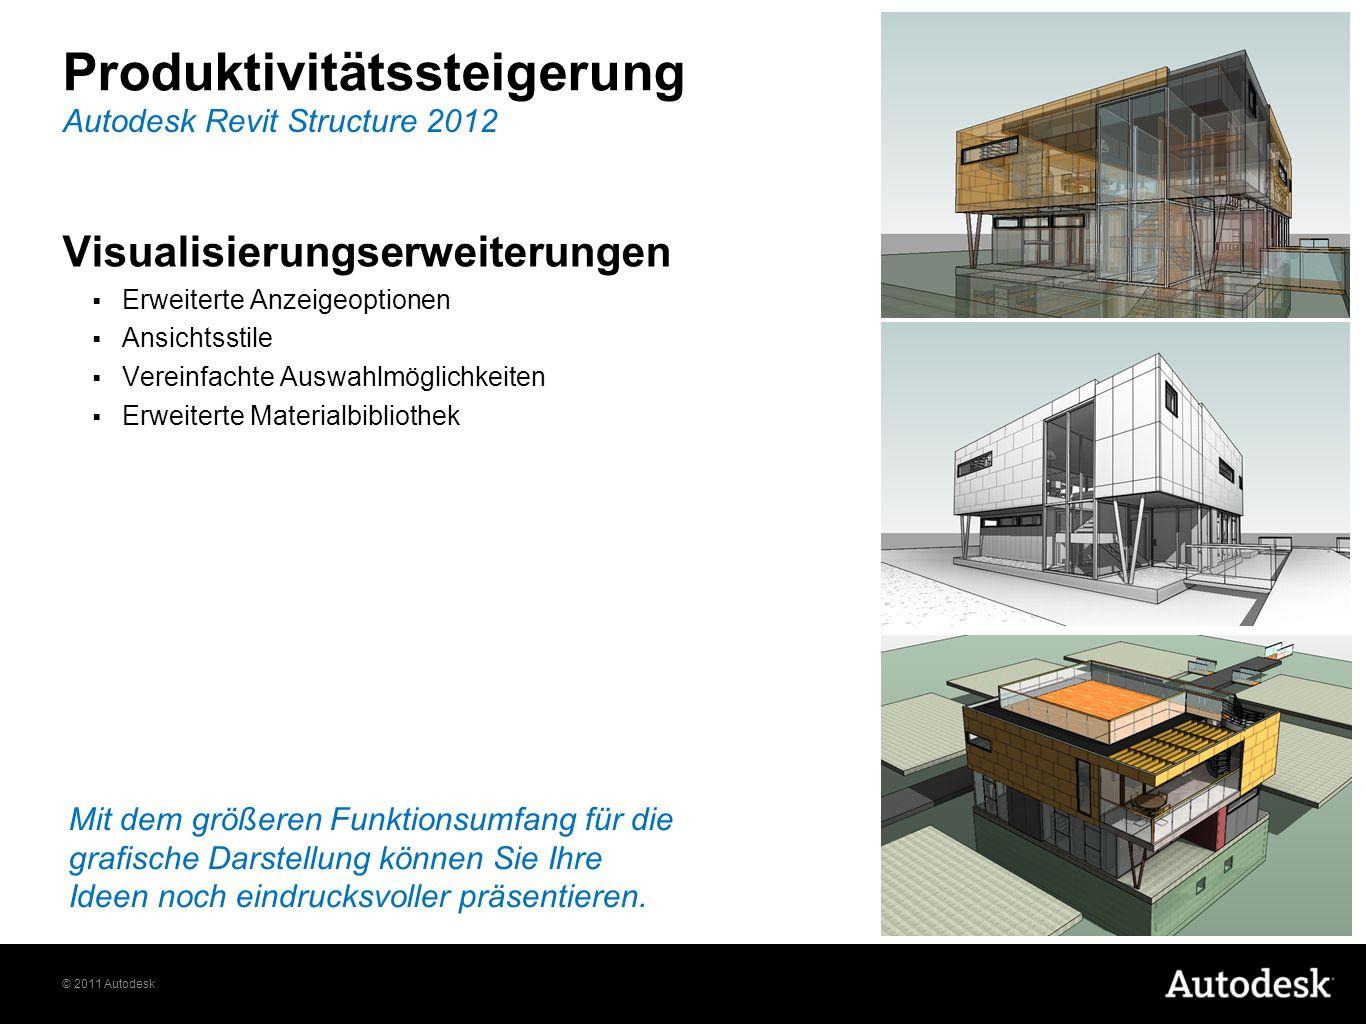 © 2011 Autodesk Autodesk Revit Structure 2012 Produktivitätssteigerung Building Information Modeling (BIM) - Workflow Zusammenarbeit und Performance